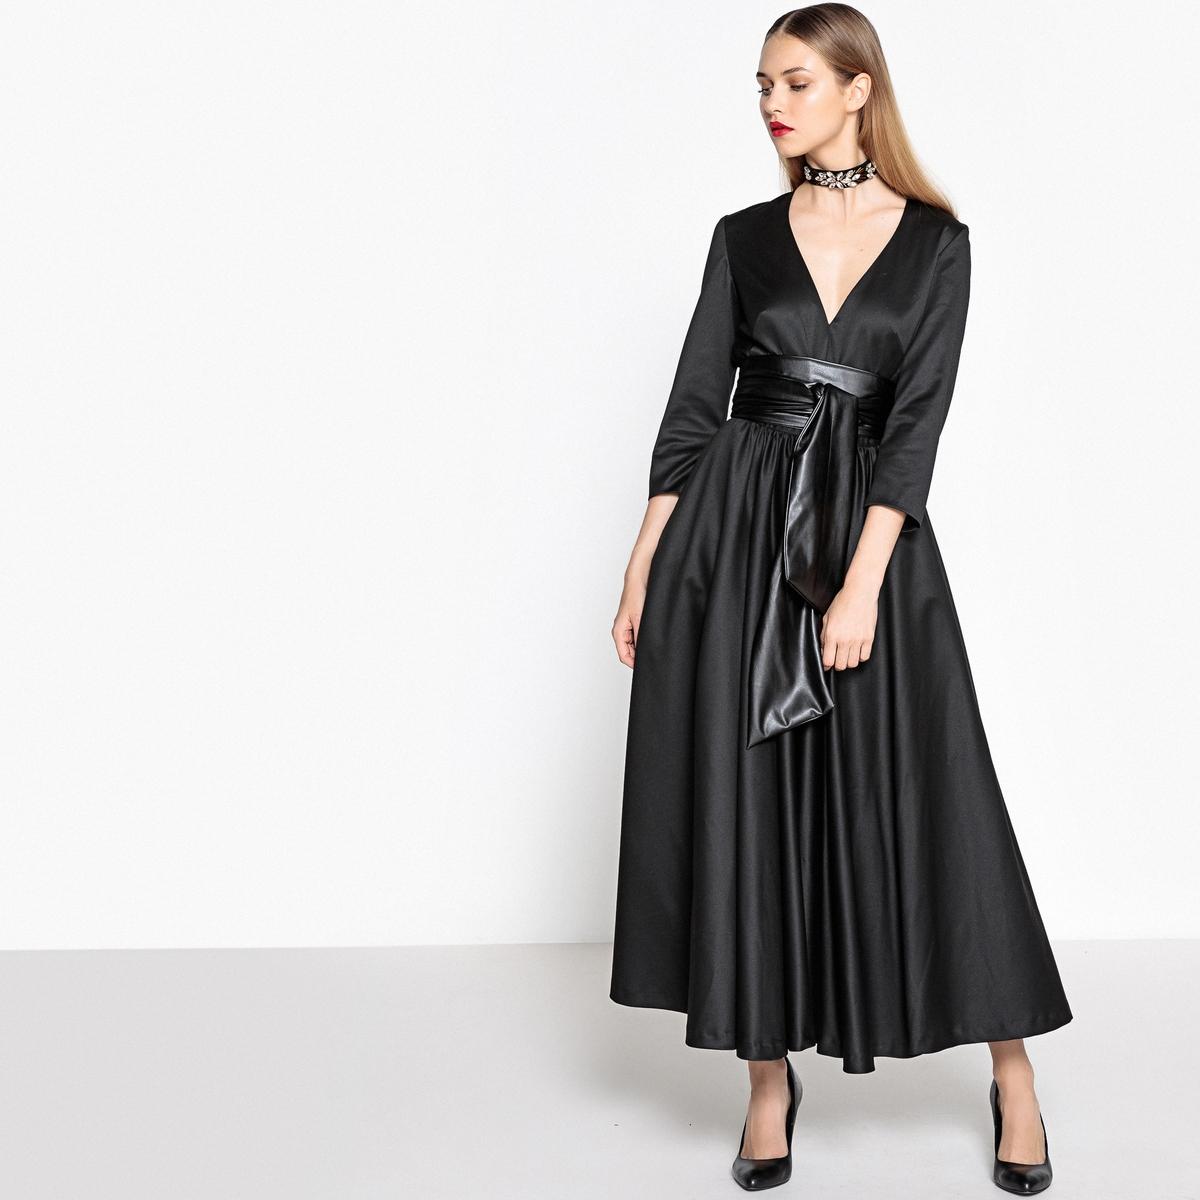 Платье средней длины из тяжелого сатина с вырезом спереди